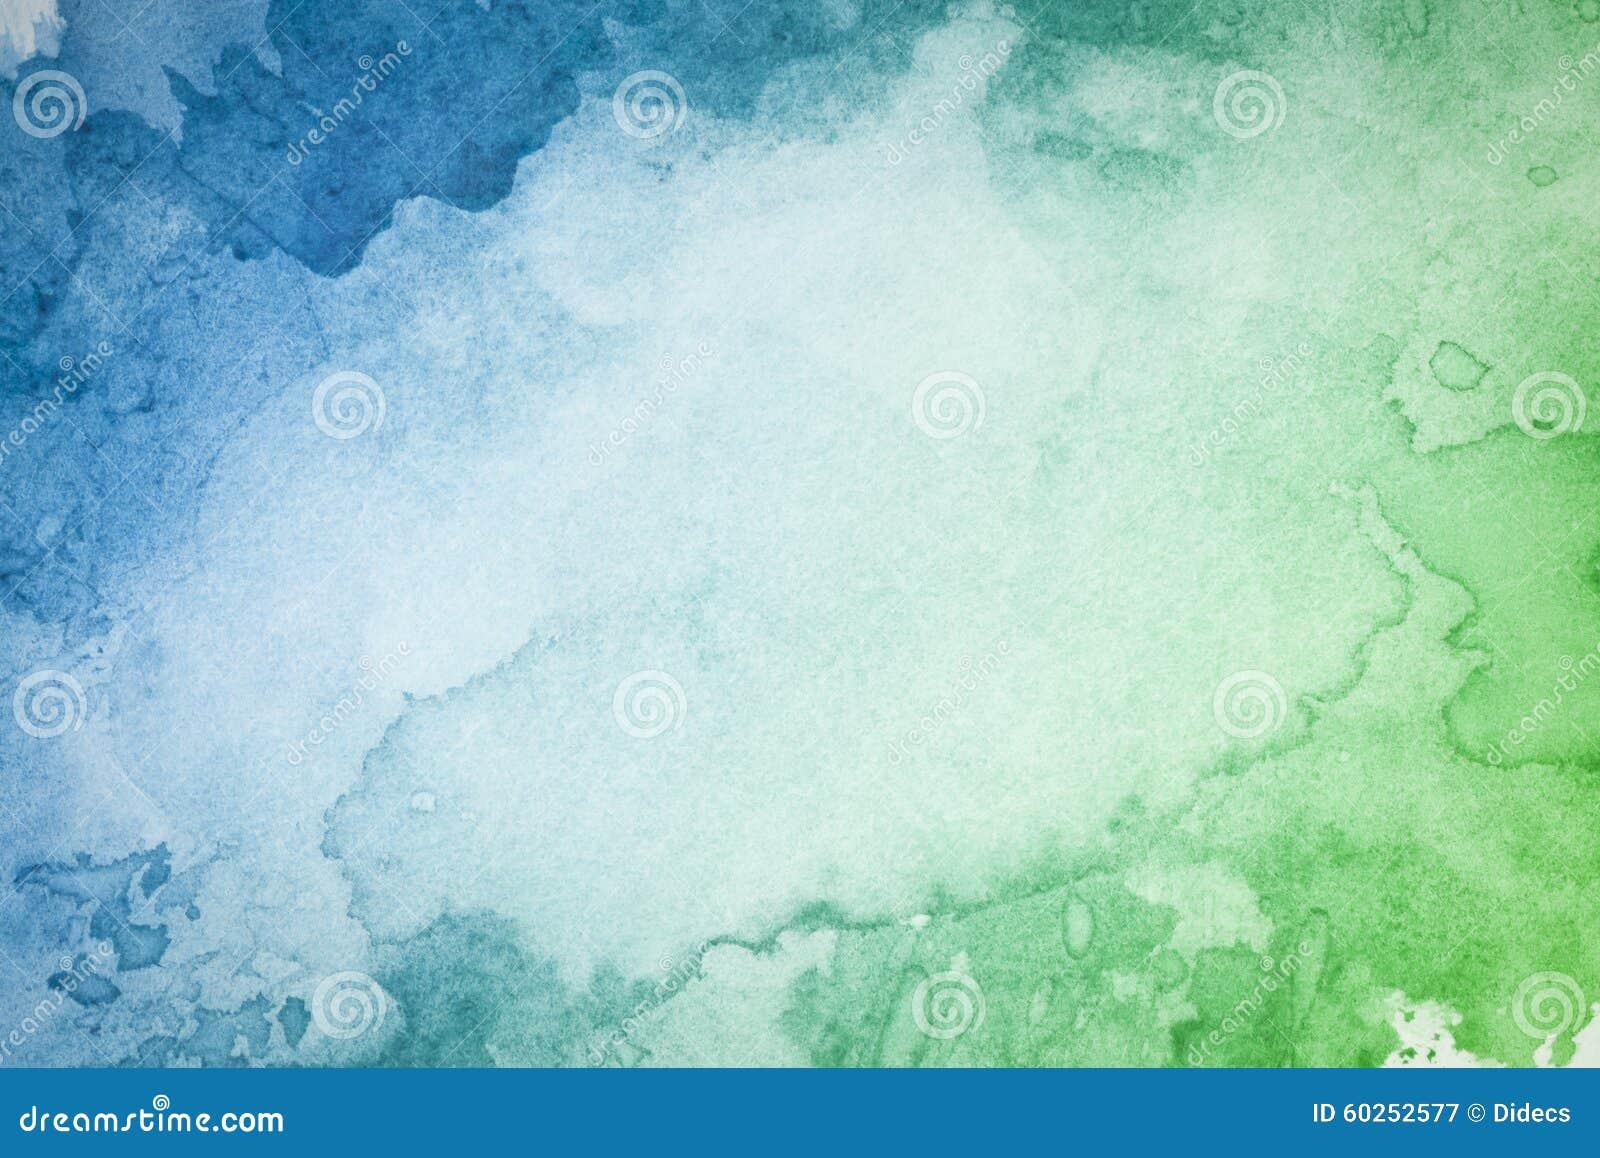 Fondo azulverde artístico abstracto de la acuarela